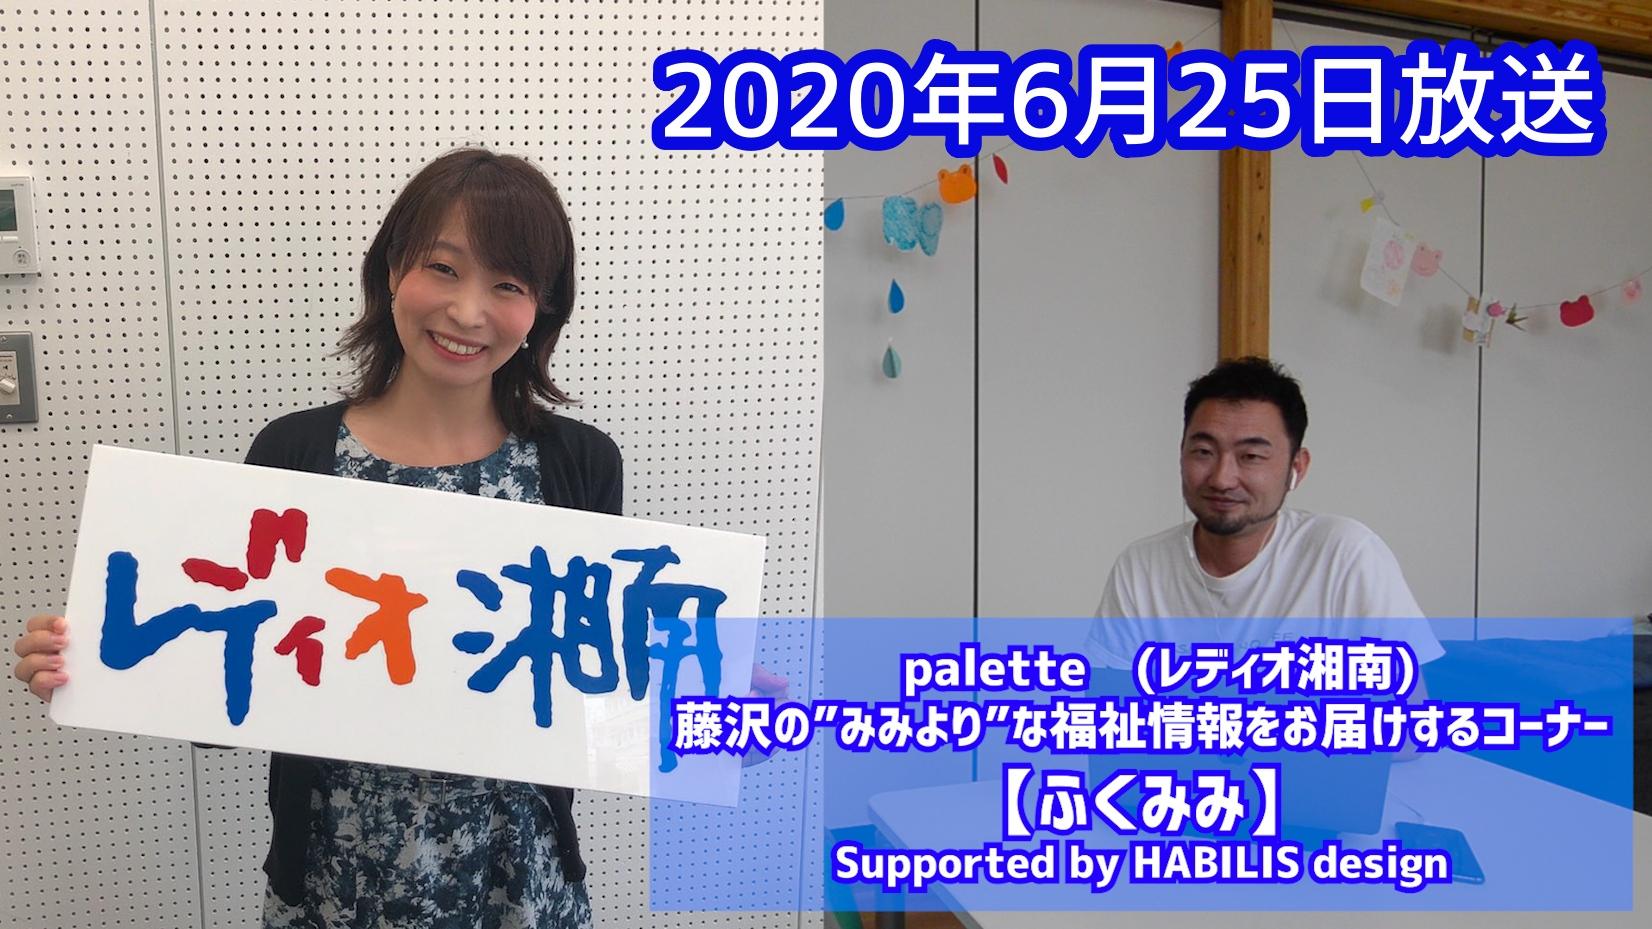 ふくみみ#6(藤沢の耳よりな福祉情報をお届けするコーナー)20200625